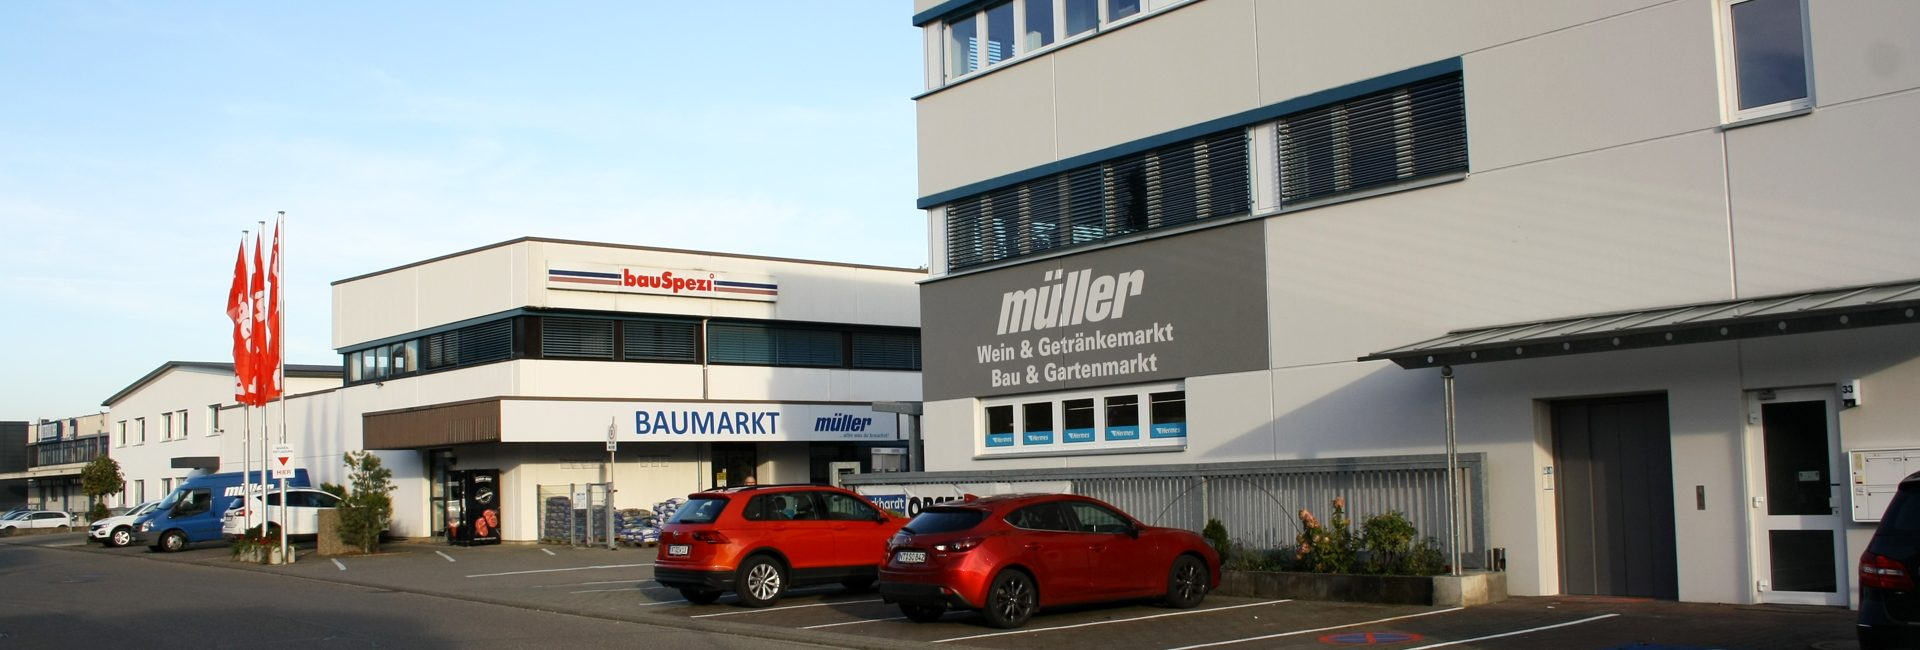 bauSpezi Baumarkt Müller